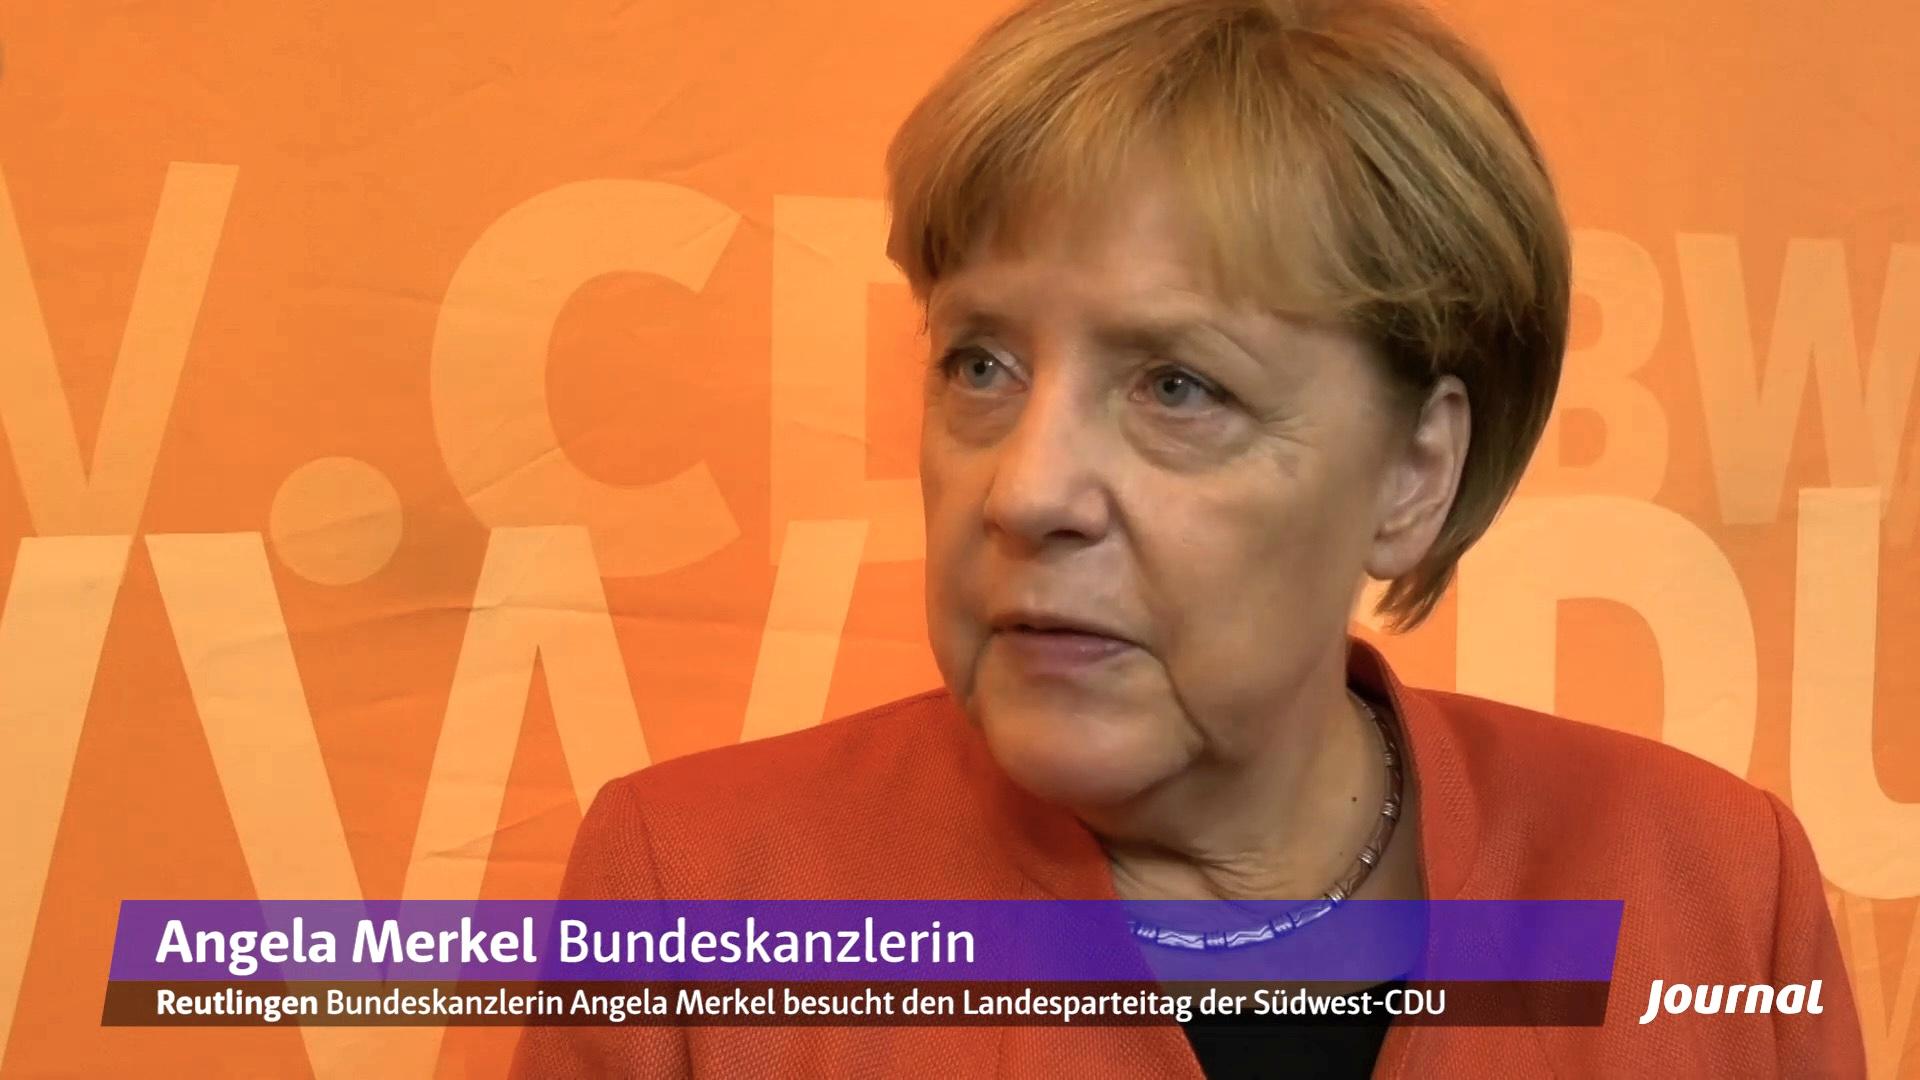 Angela Merkel macht Wahlkampf auf dem CDU-Parteitag in Reutlingen